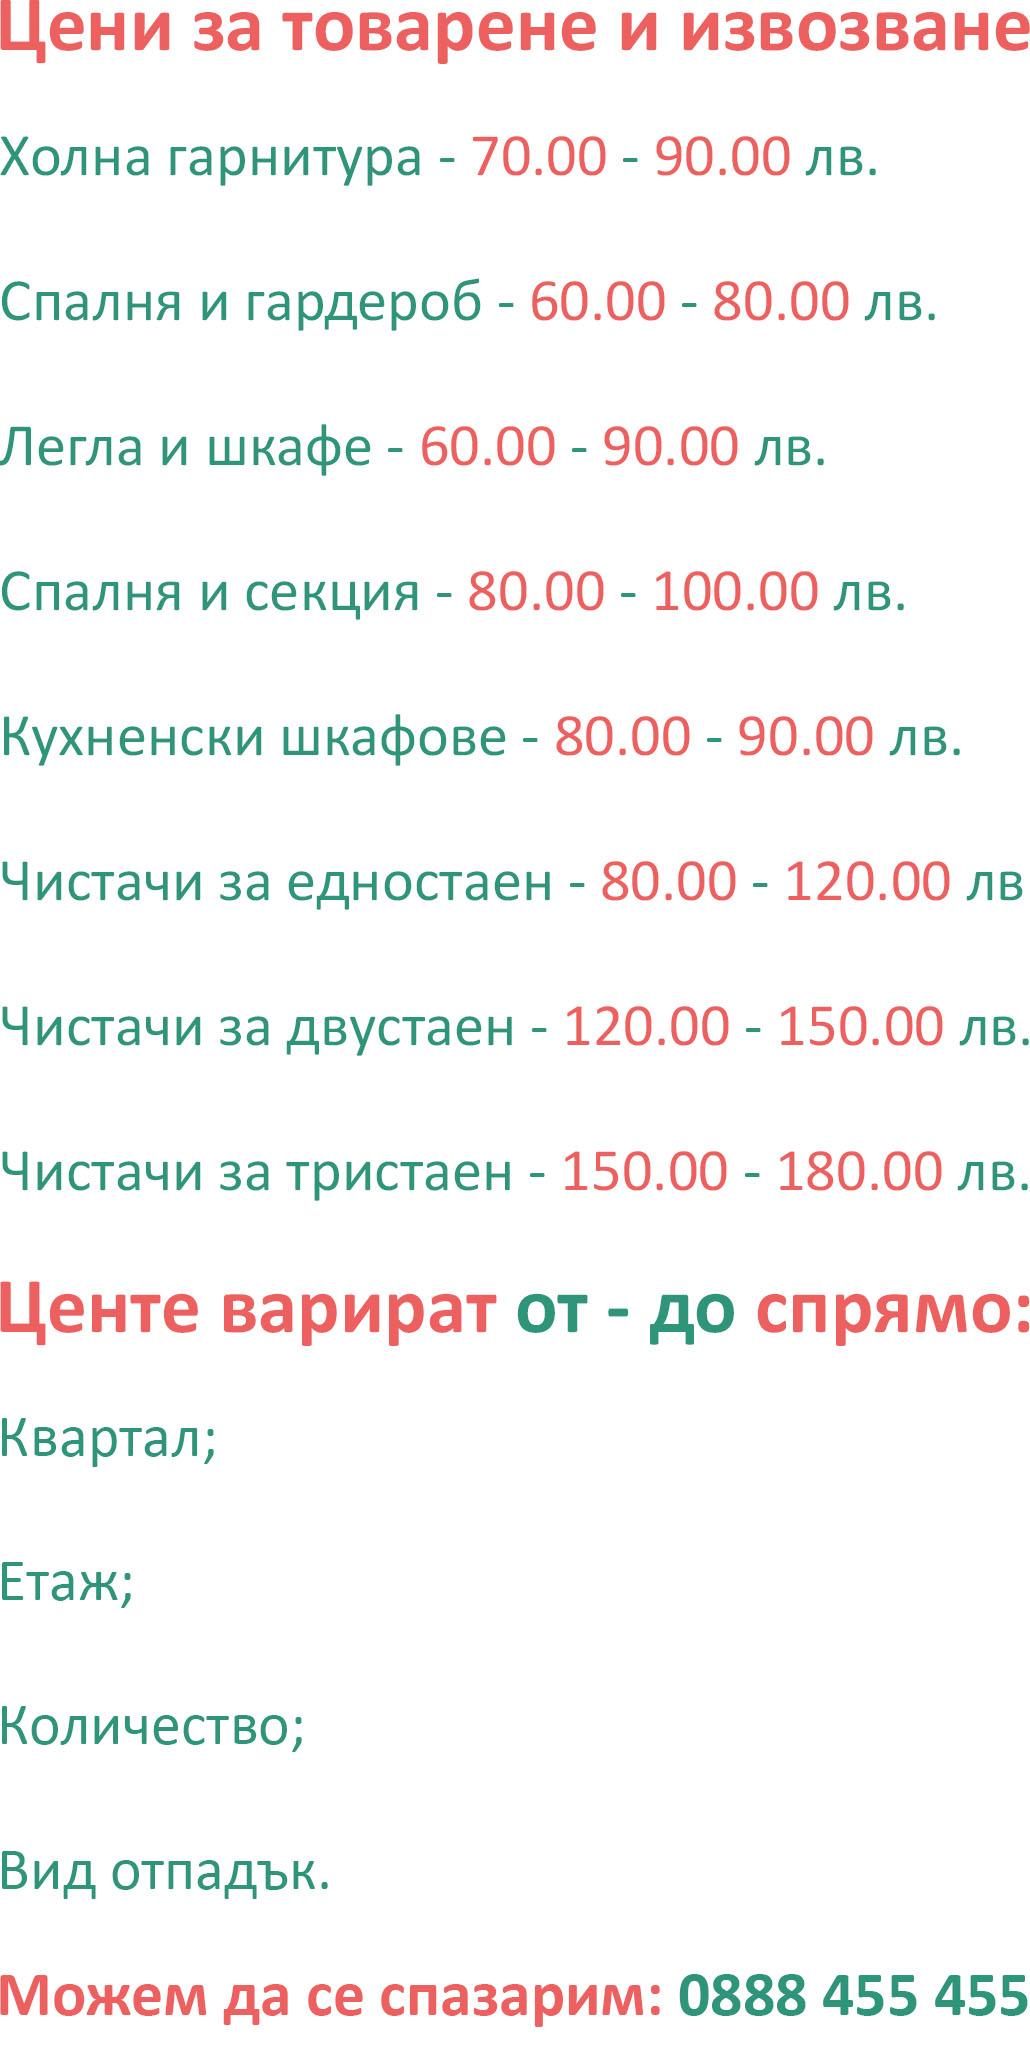 Цени Извозване на отпадъци цена в София